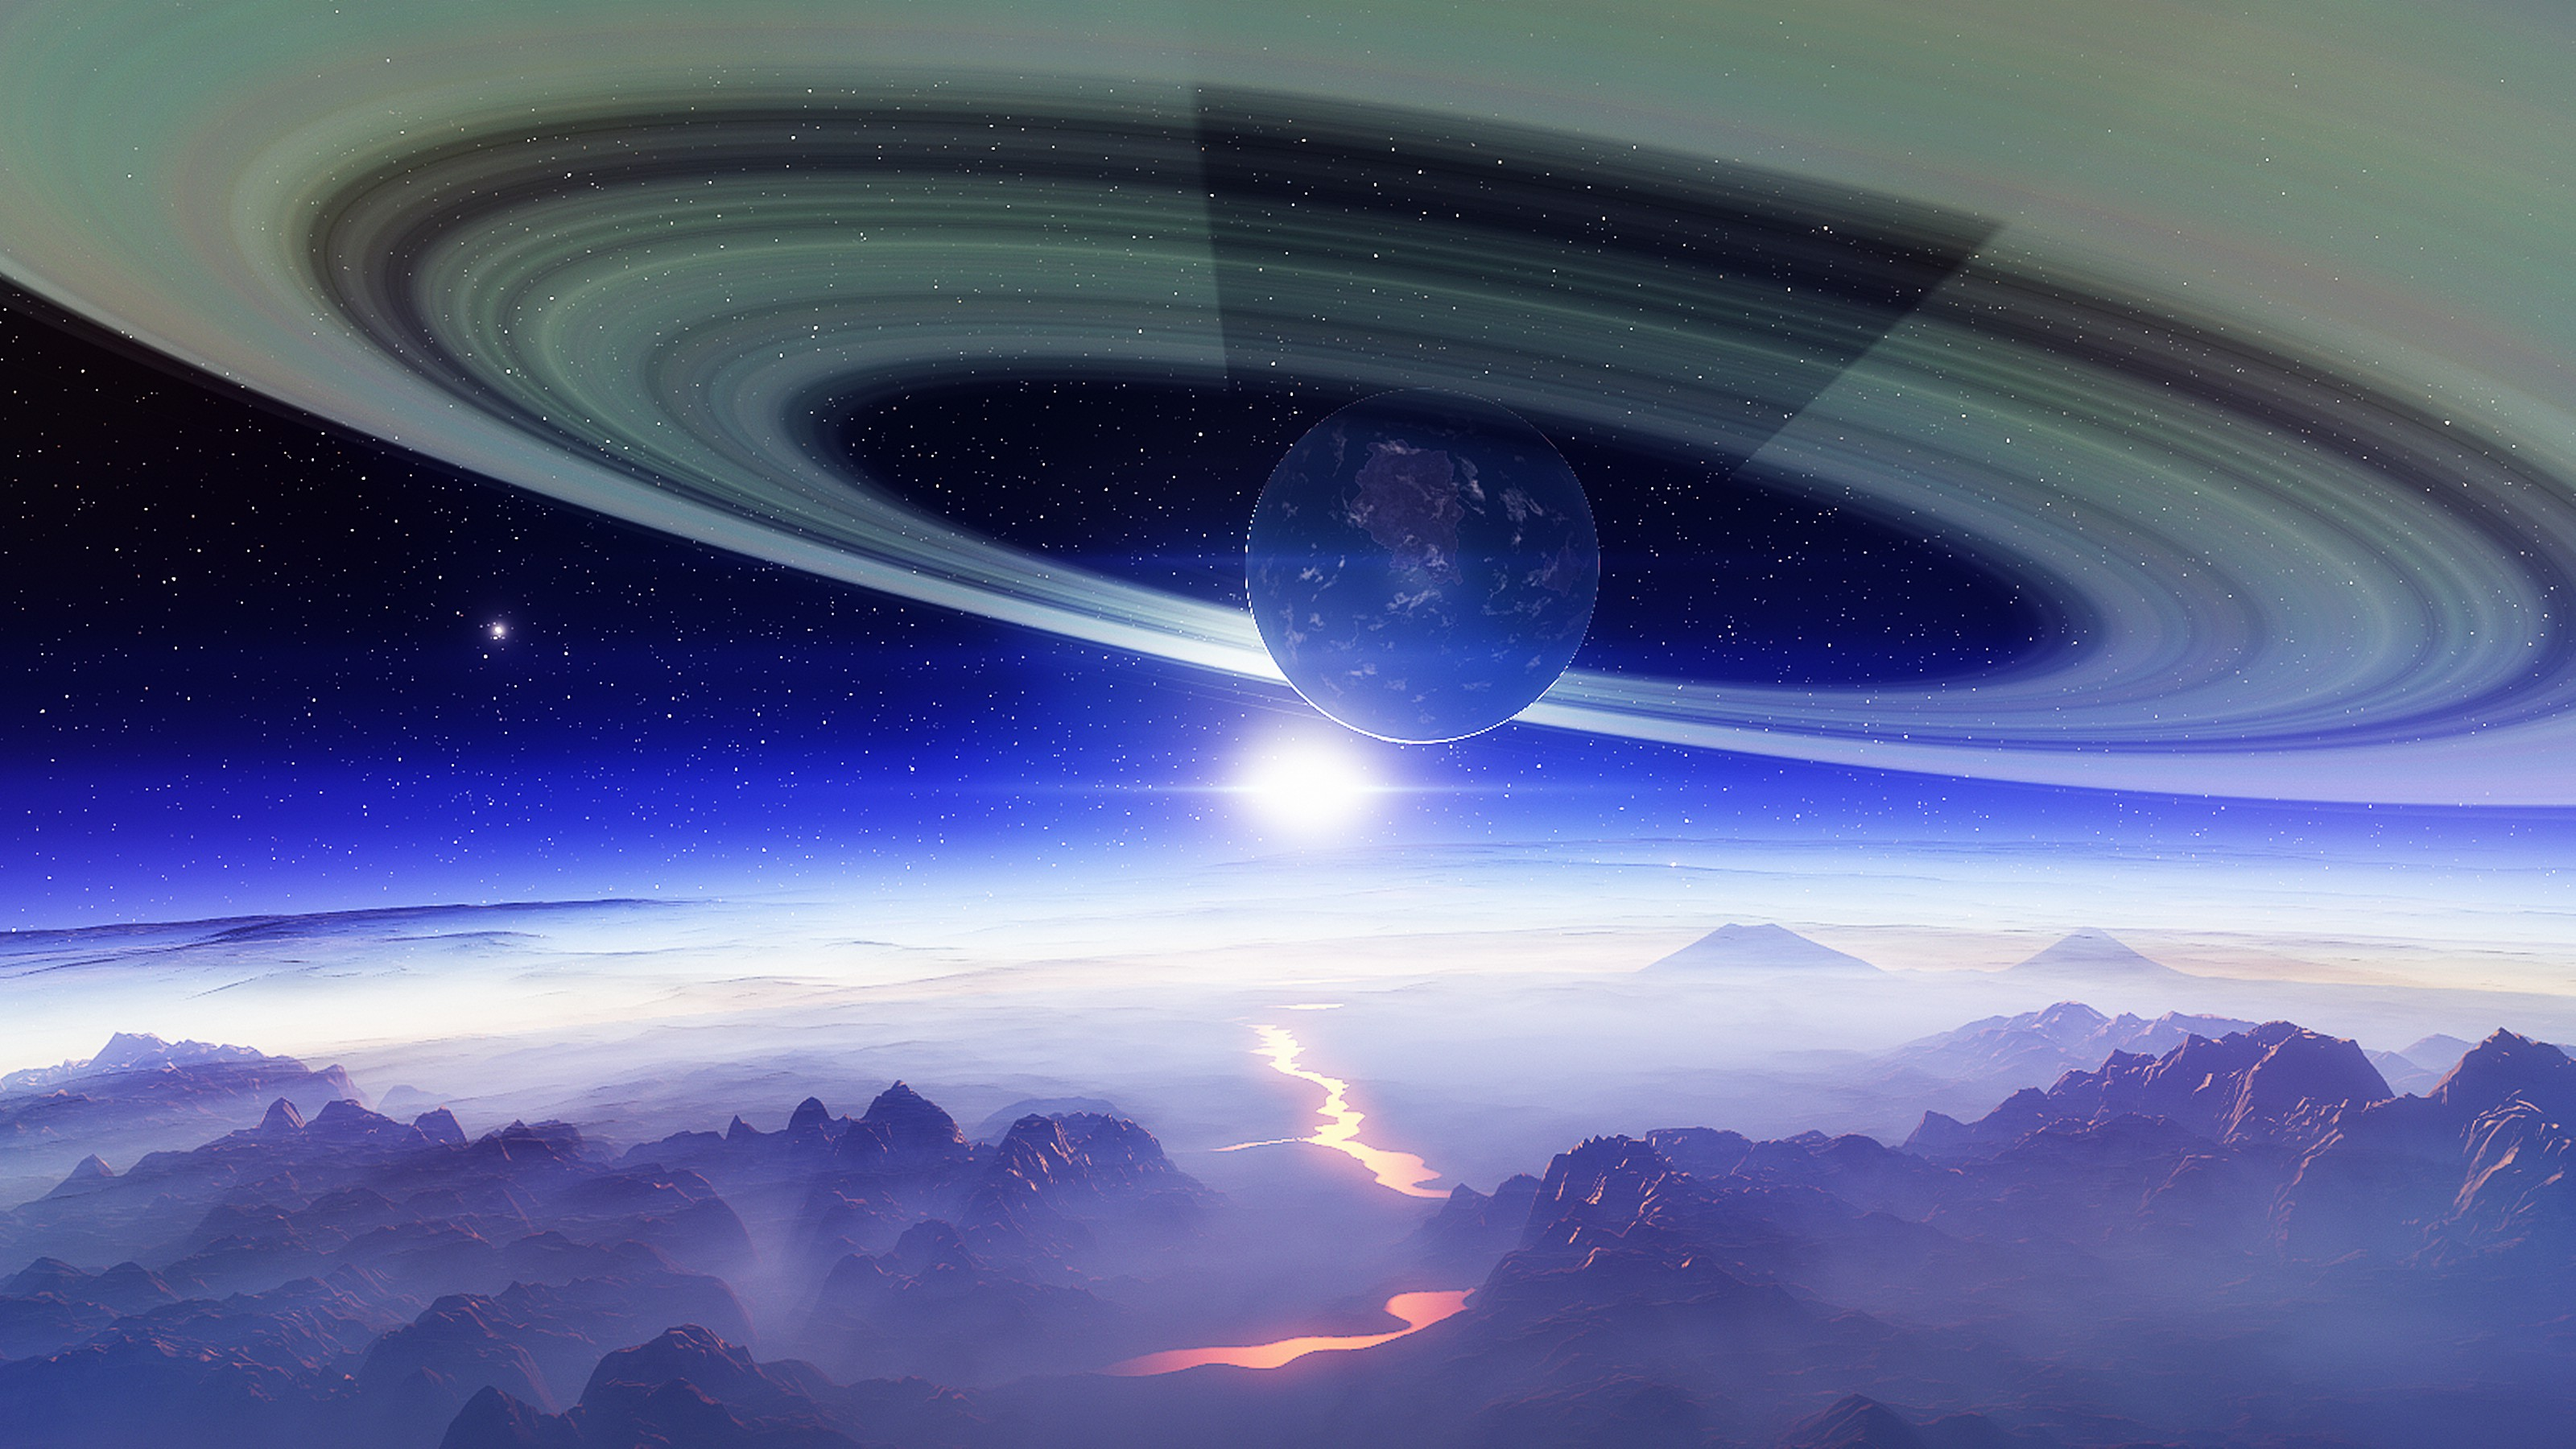 宇宙模拟器space engine免费下载,中文汉化,基础教程,高级教程